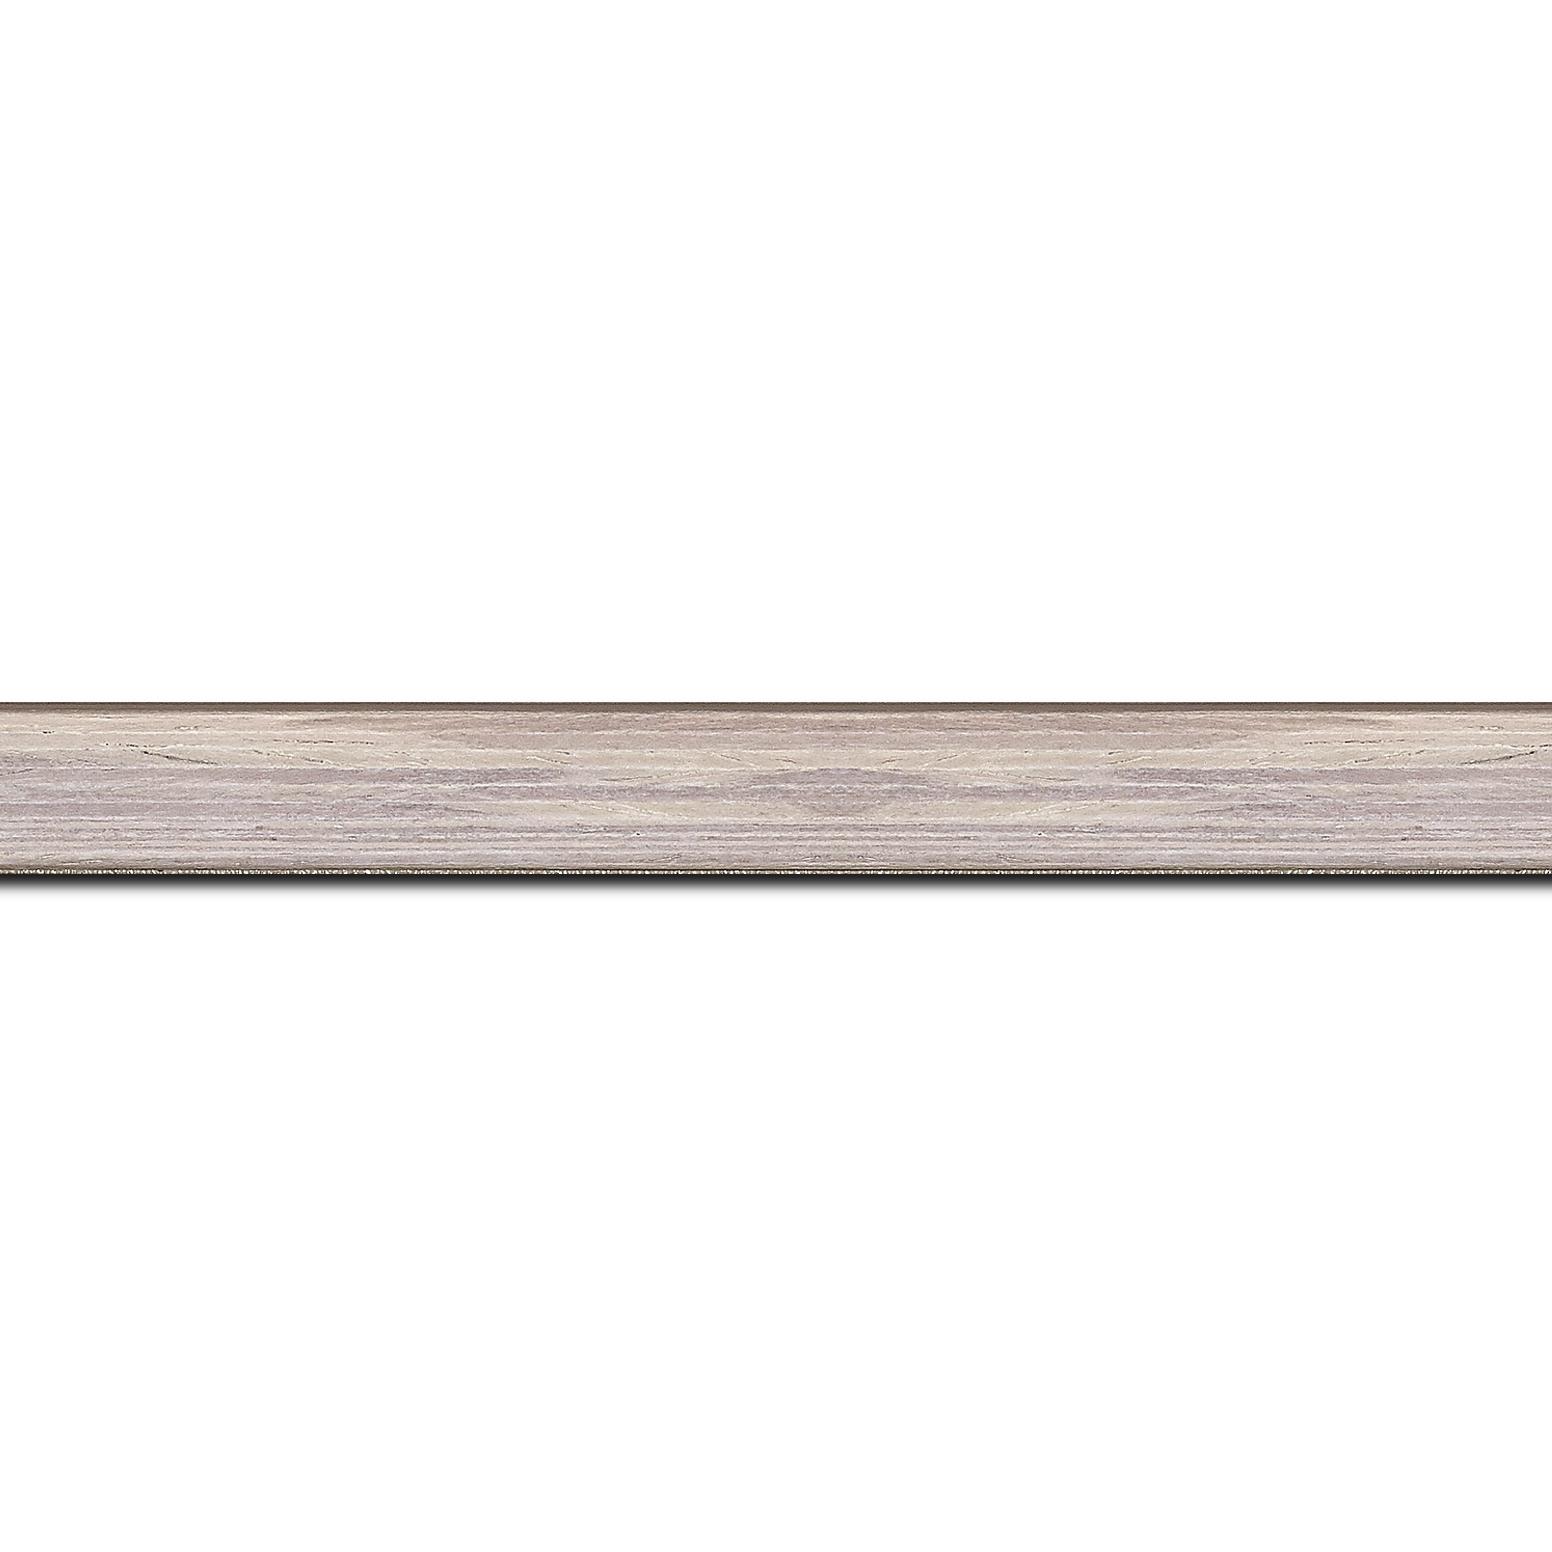 Pack par 12m, bois profil plat largeur 1.5cm  plaquage bois gris blanchi haut de gamme(longueur baguette pouvant varier entre 2.40m et 3m selon arrivage des bois)